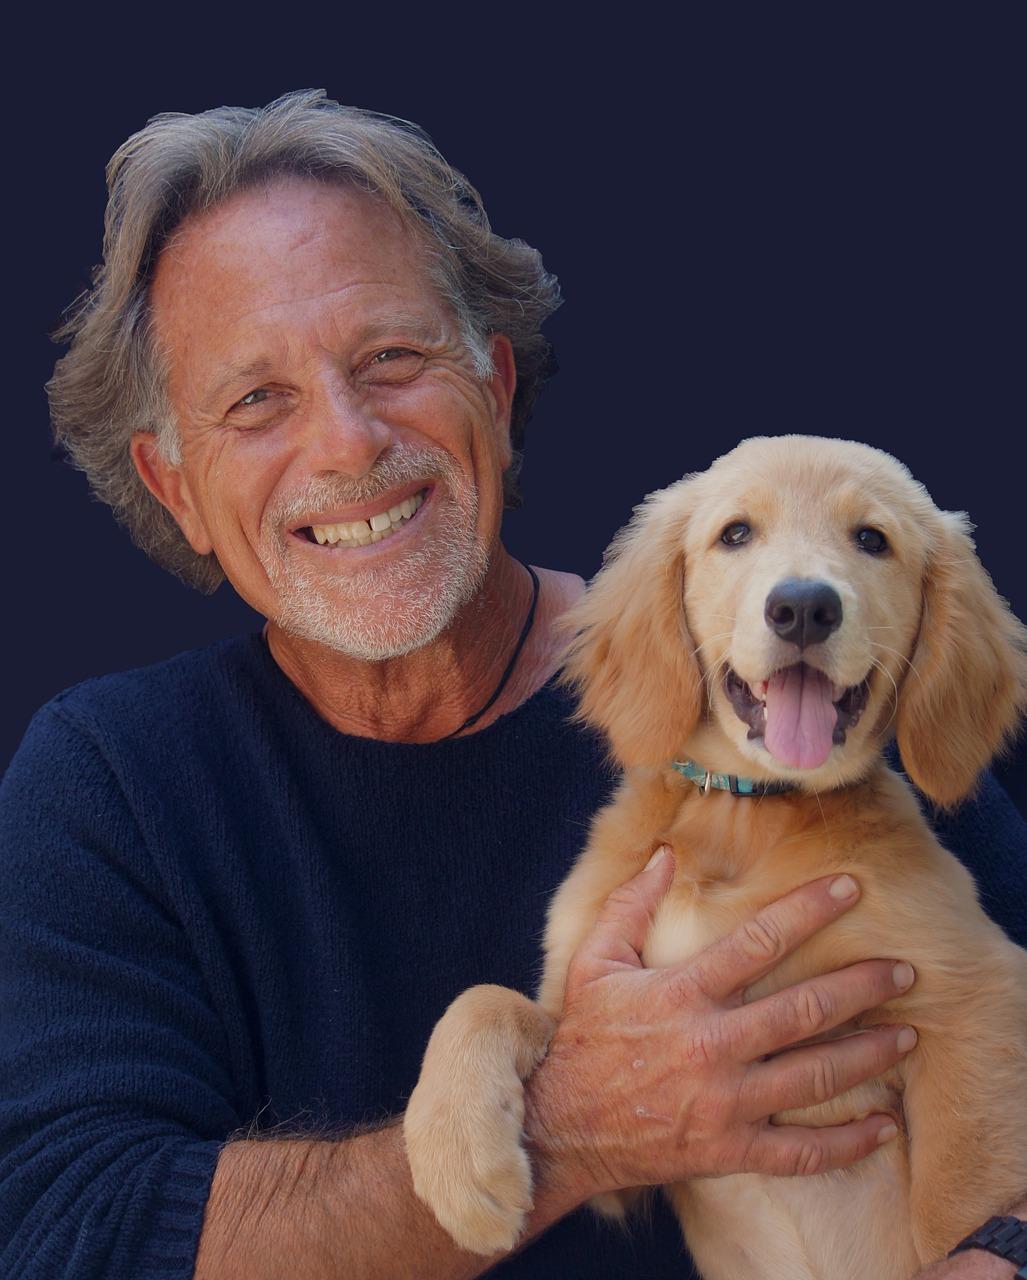 portrait, dog, pet